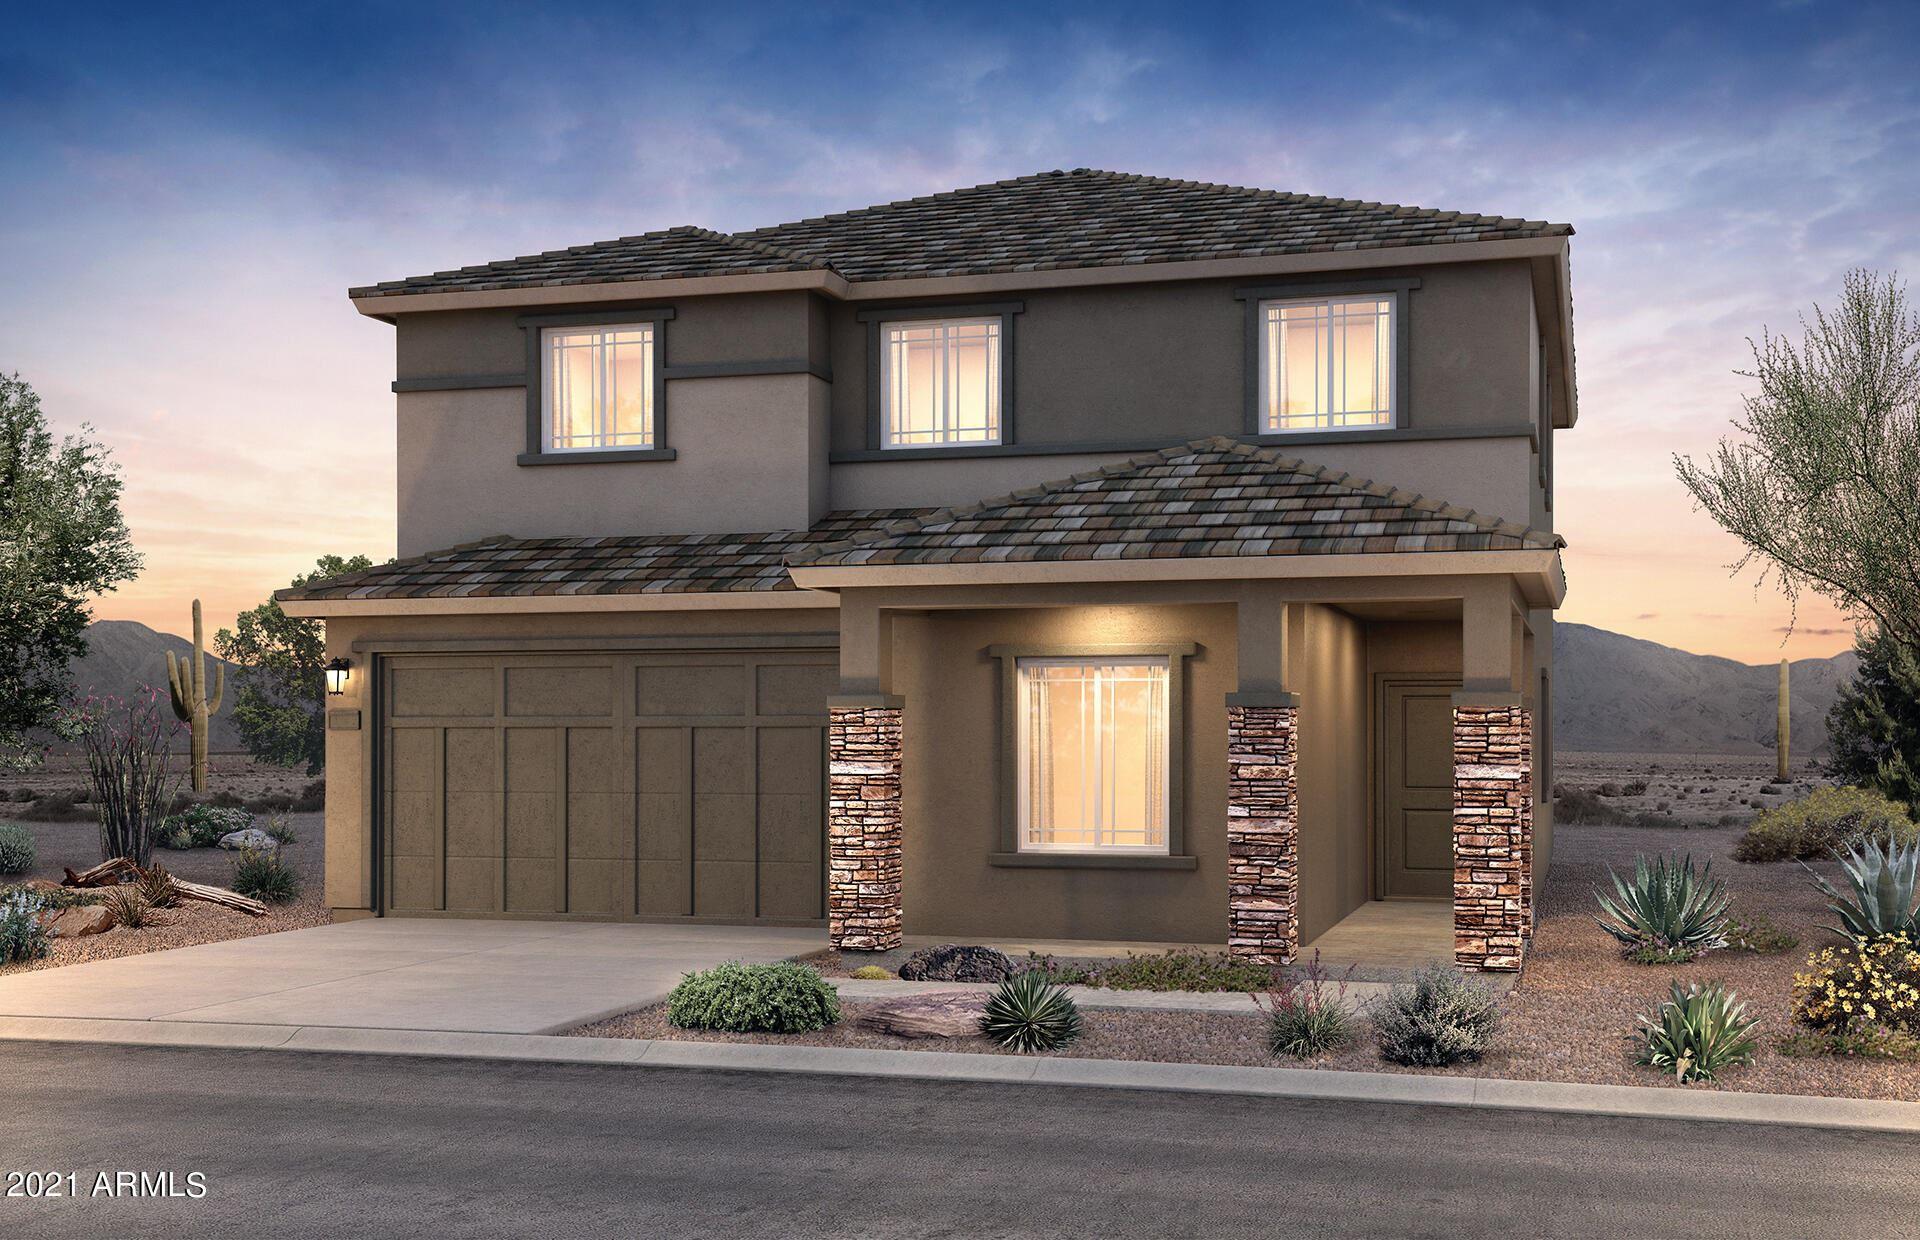 Photo for 18552 N DESERT WILLOW Drive, Maricopa, AZ 85138 (MLS # 6291093)